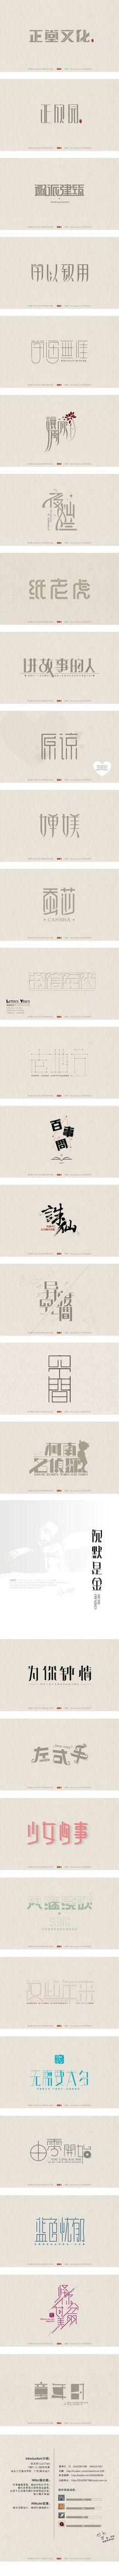 陈志贤 2013年 字体设计 标志设计 ...